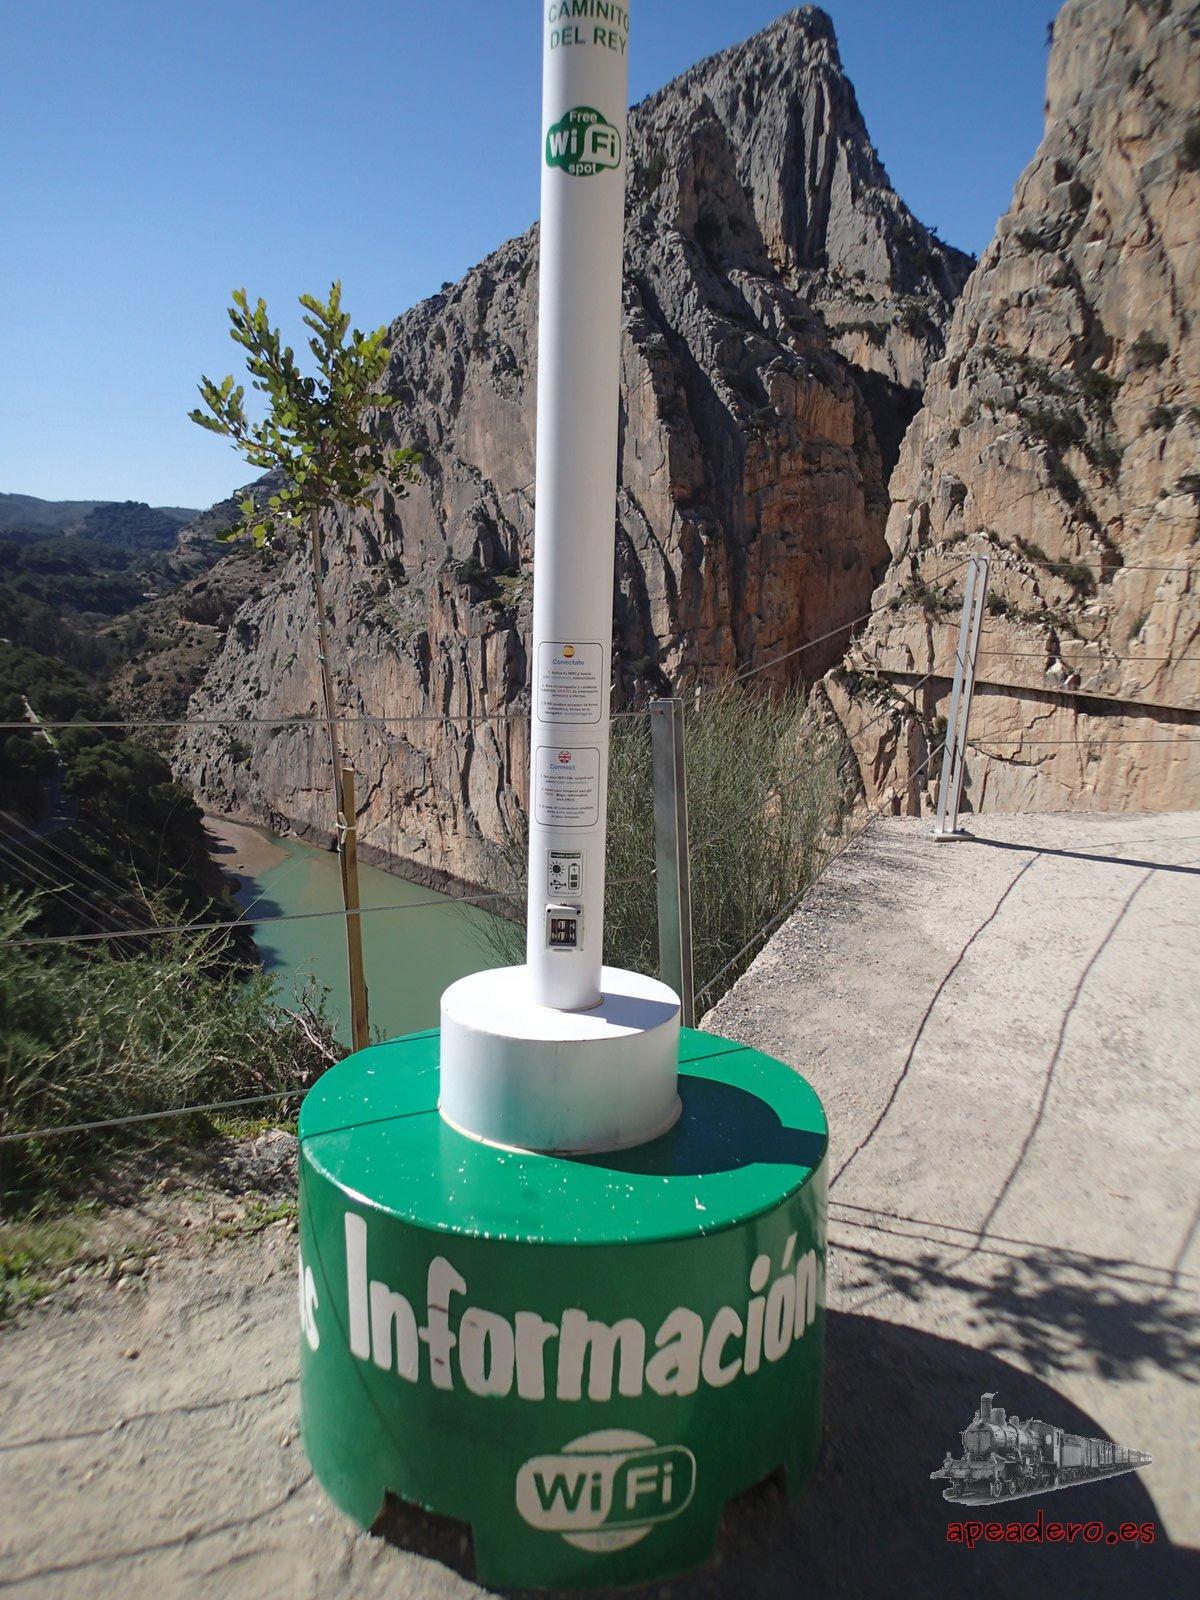 Punto wifi en El Caminito del Rey